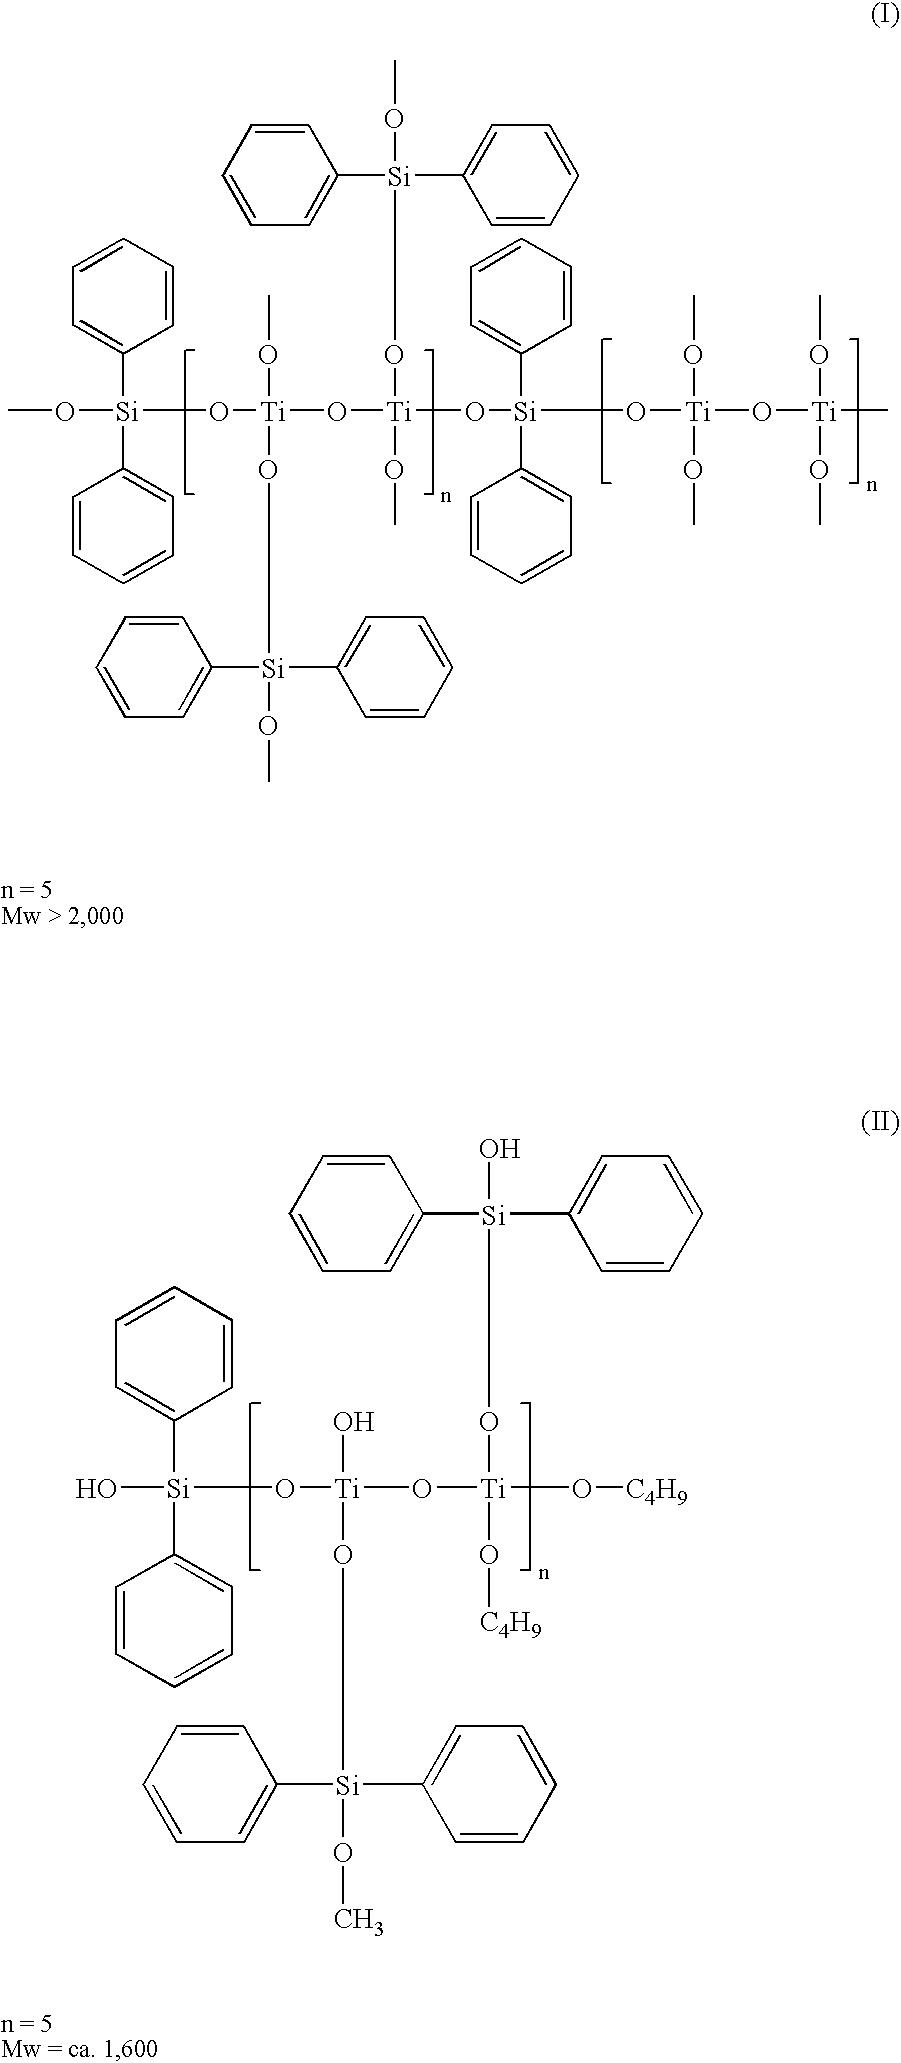 Figure US20070111108A1-20070517-C00001